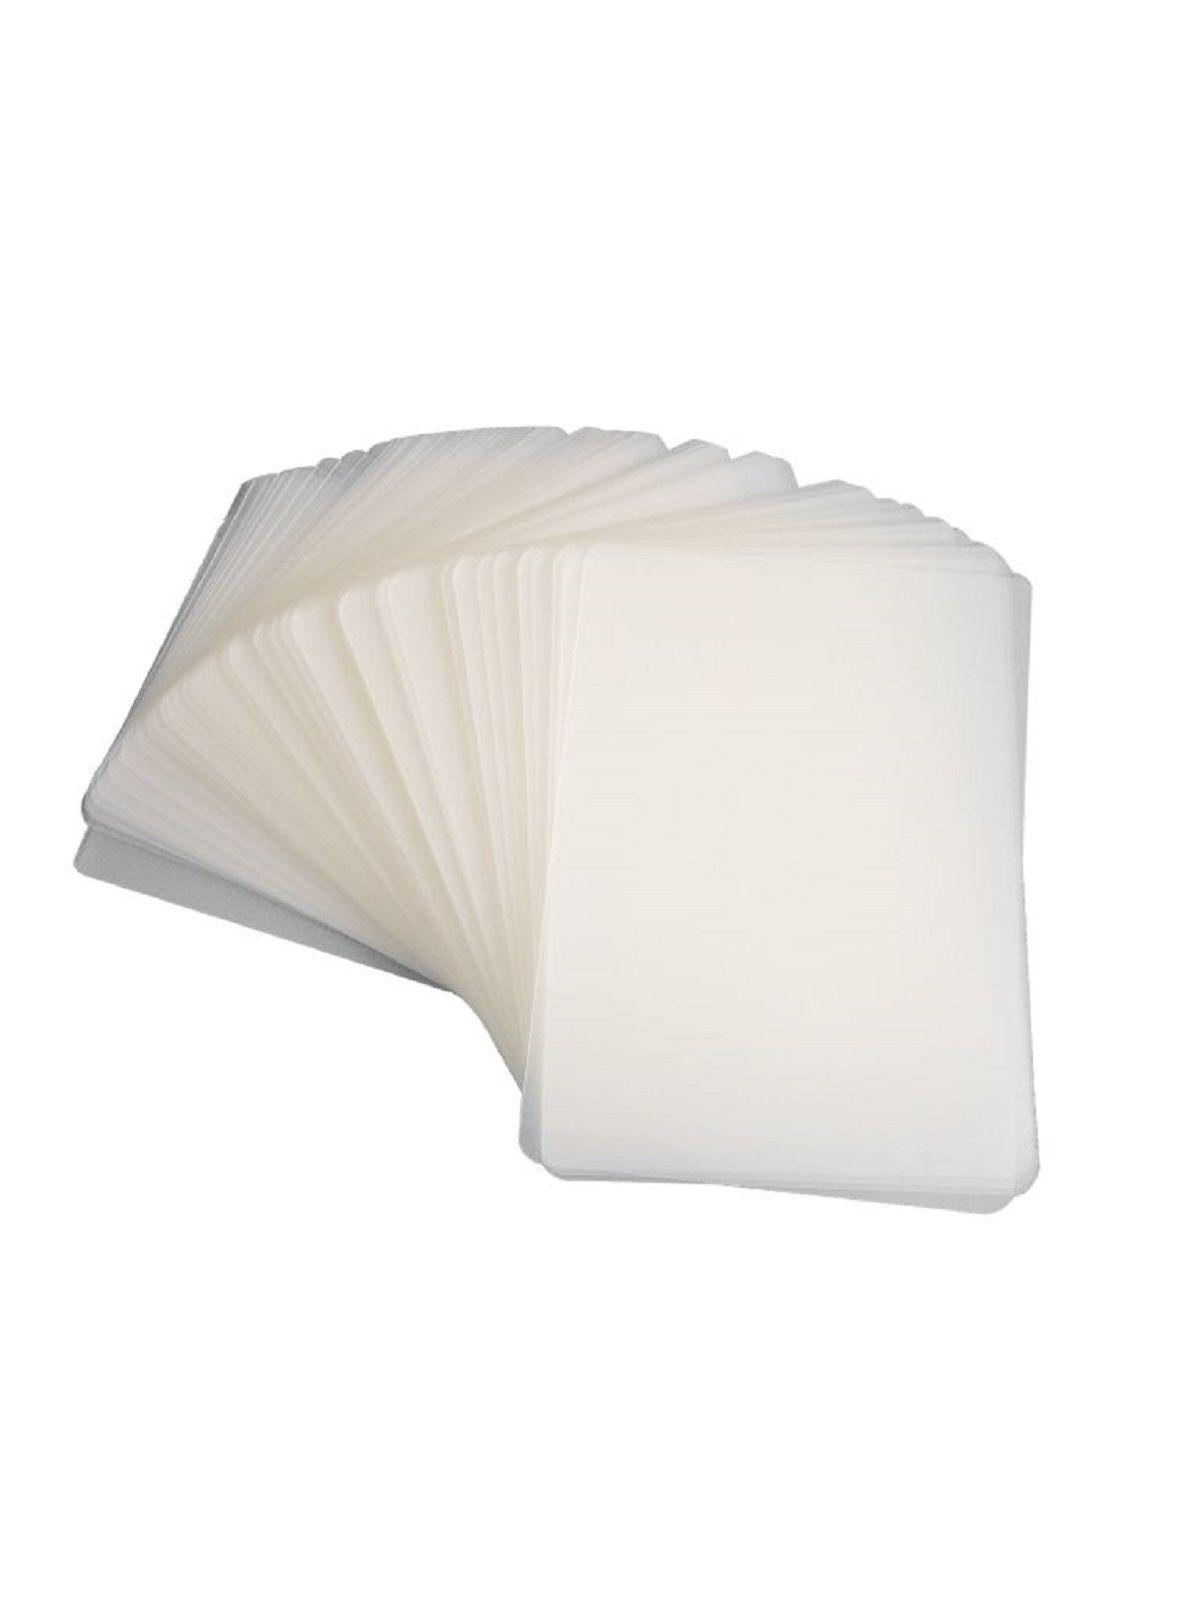 Kit 1000 Plasticos Polaseal para Plastificação 1/2 Oficio 170x226x0,07mm (175 micras)  - Click Suprimentos